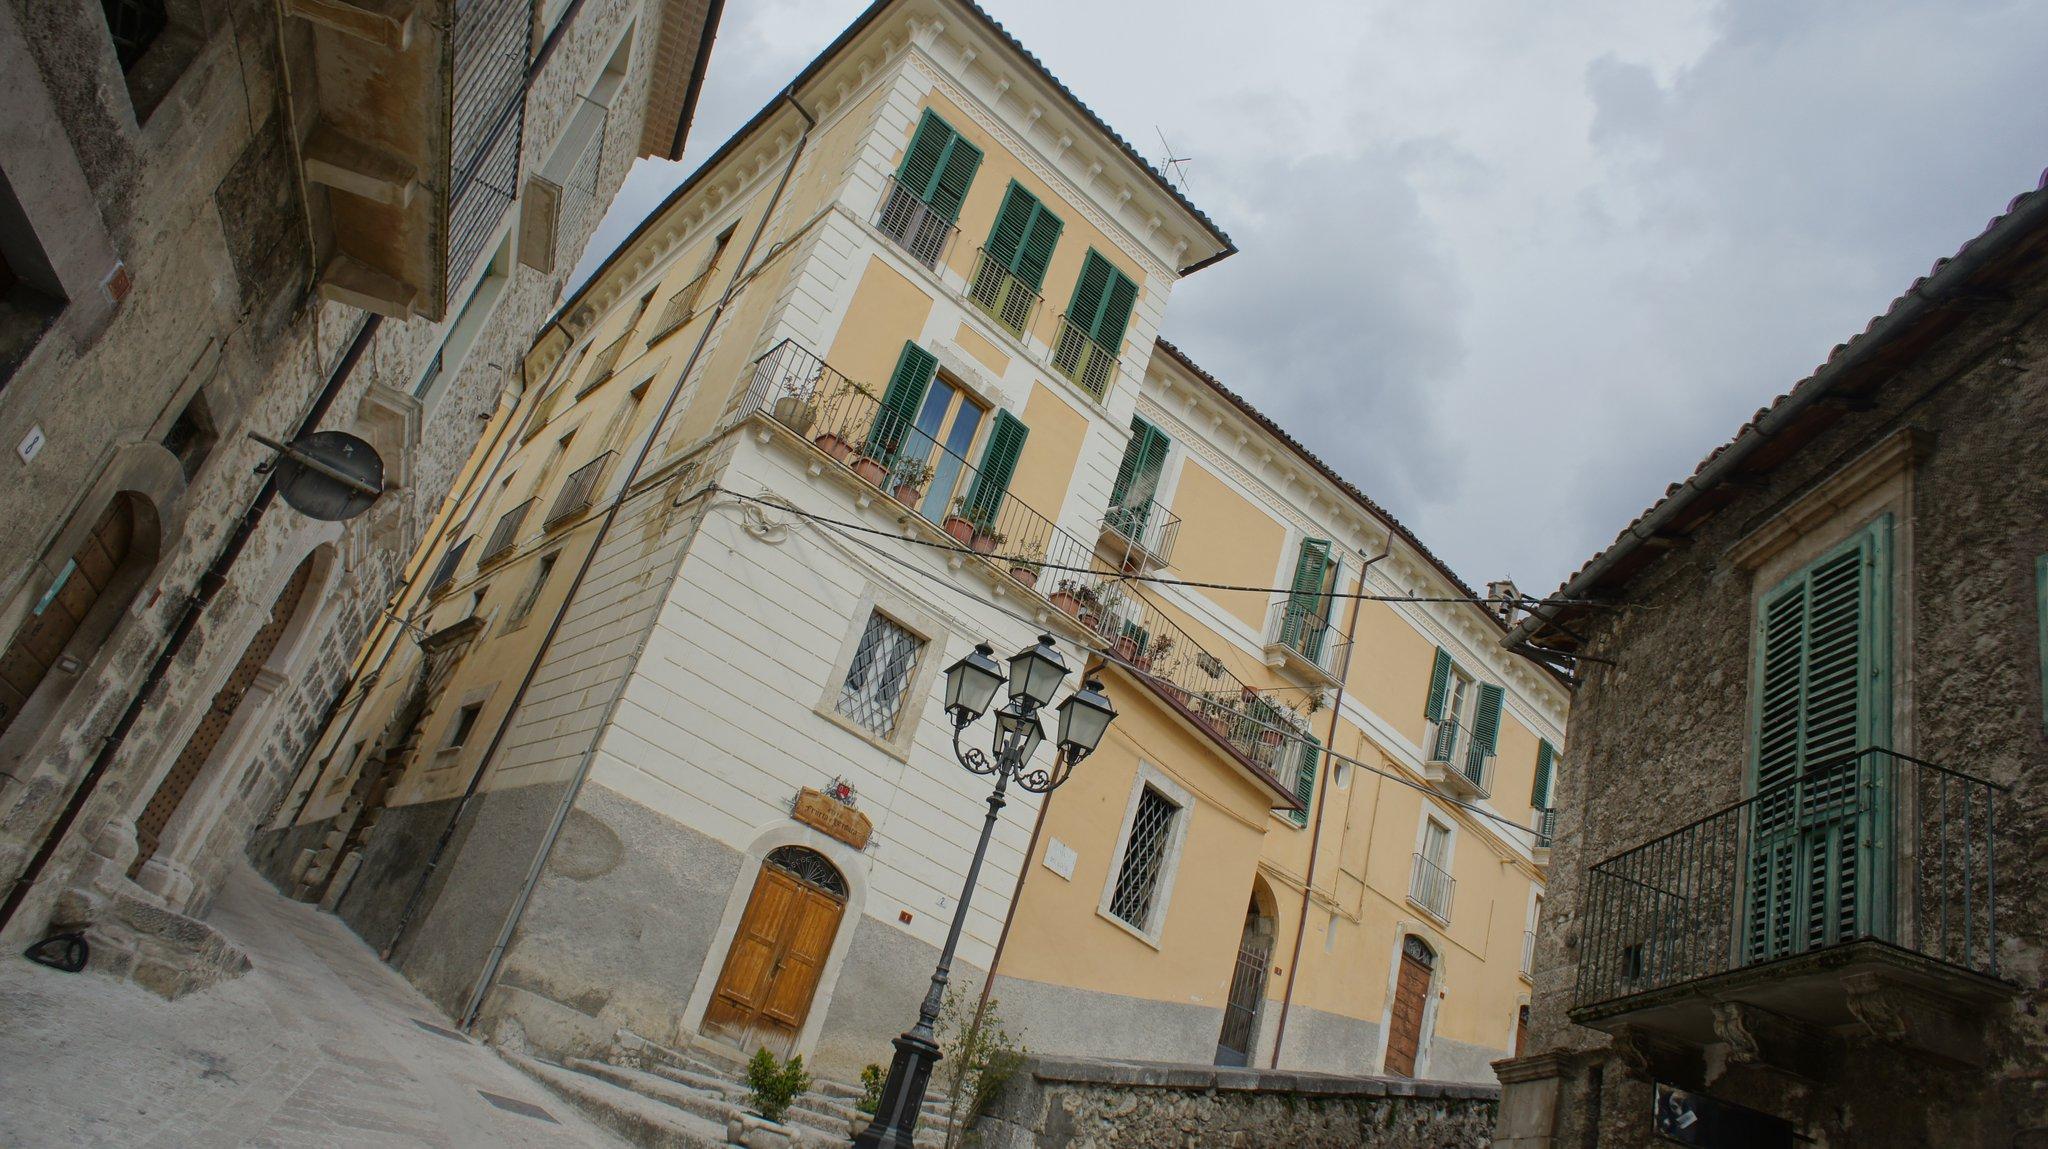 Abruzzo Italy Pictures Pacentro Abruzzo Italy